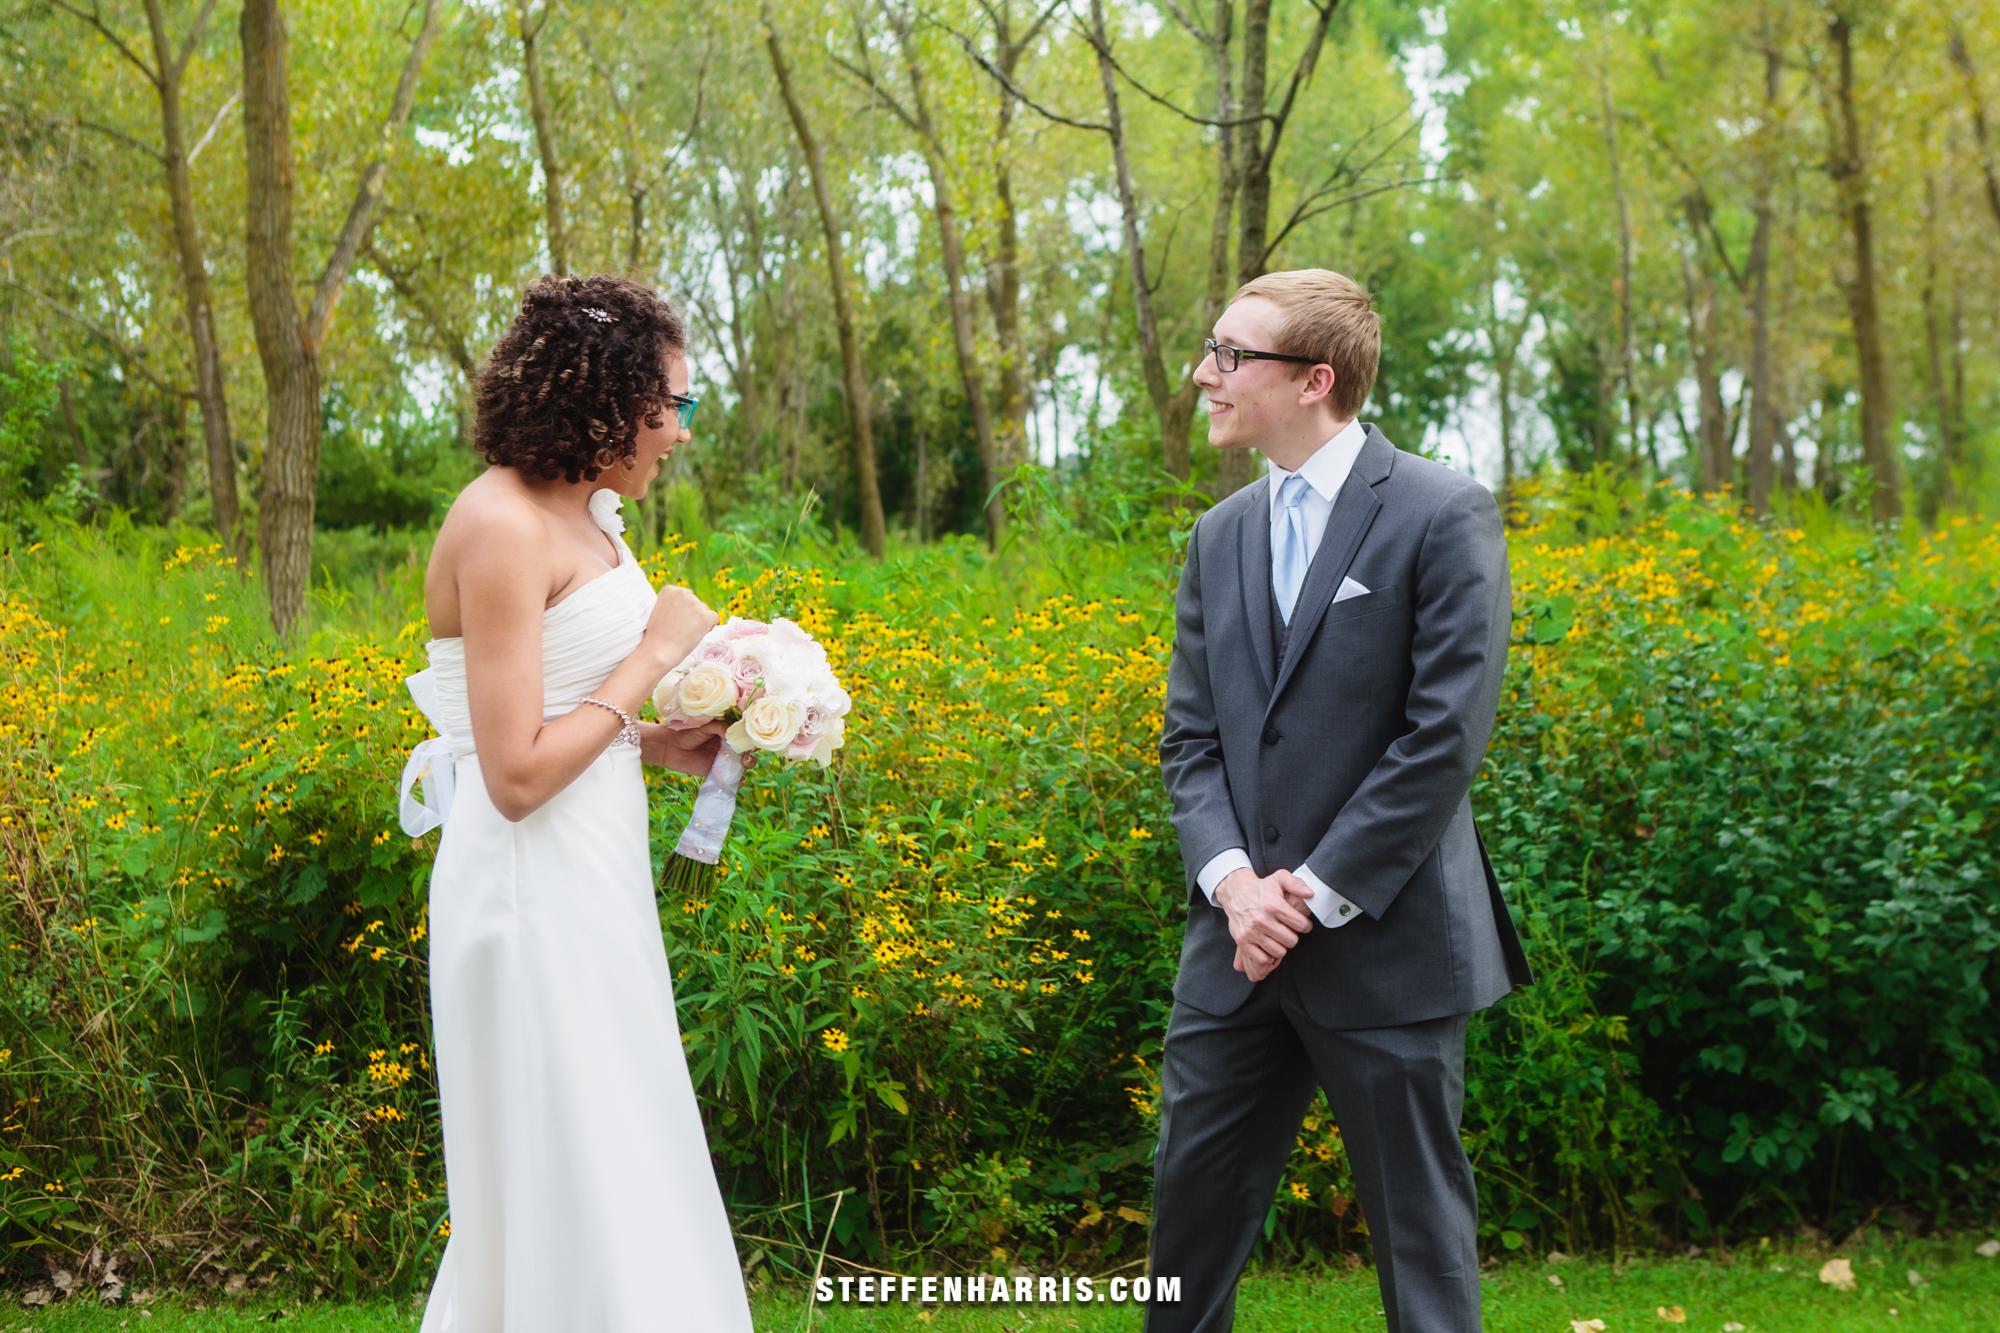 Прикольные поздравления с днем свадьбы в стихах рокером хоккейдля